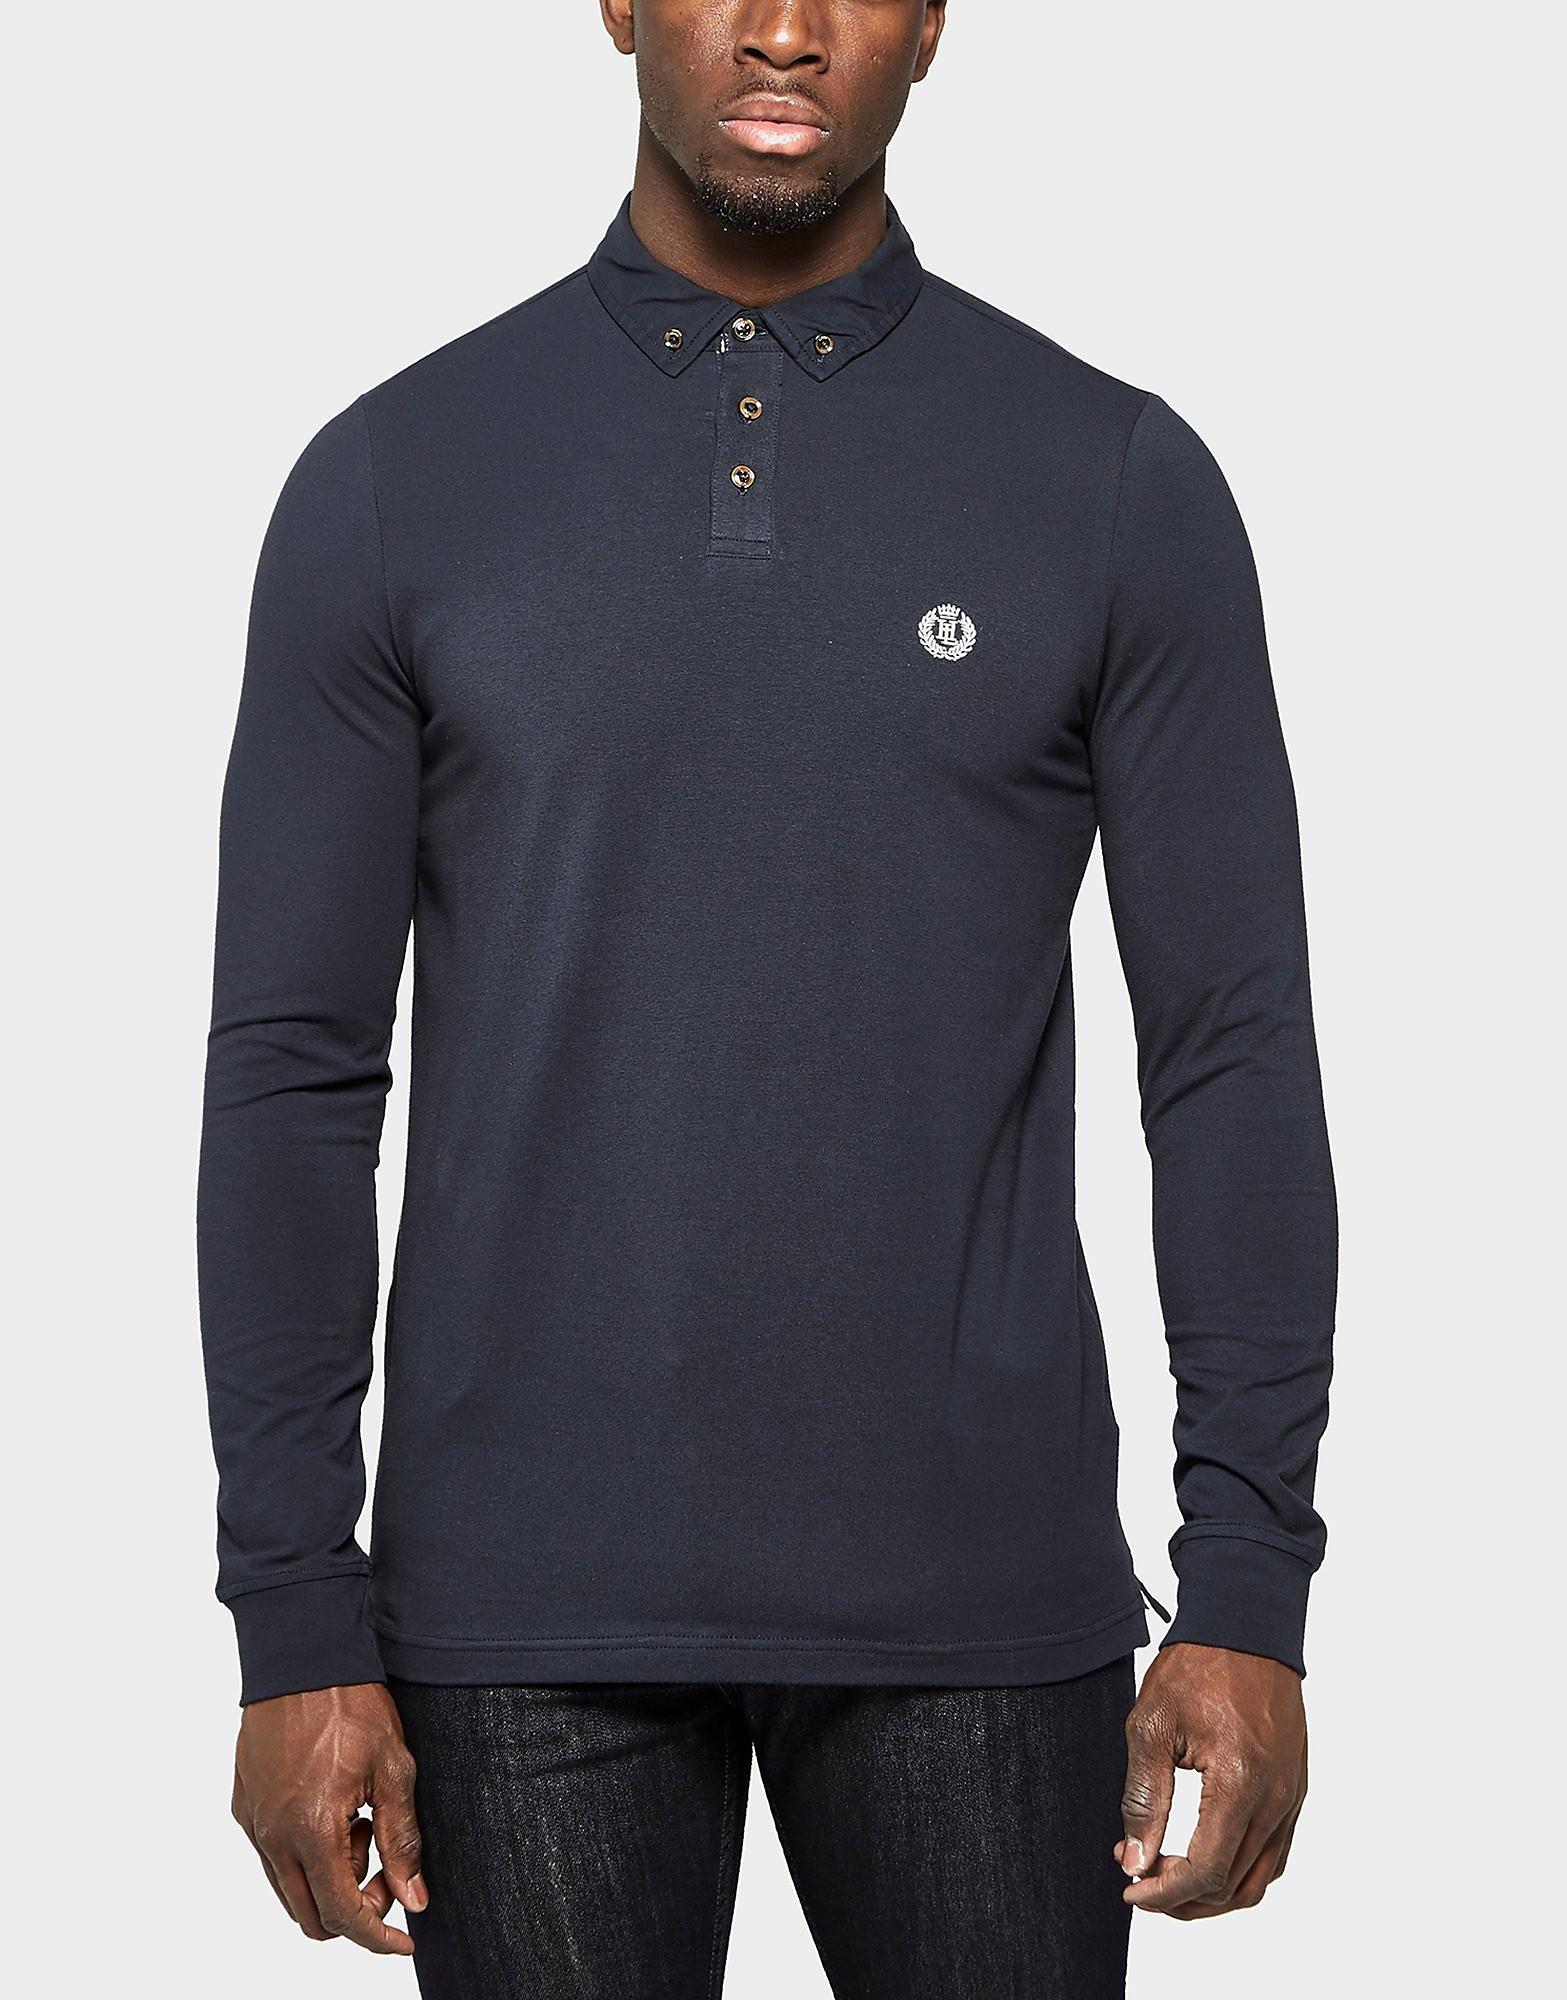 Henri Lloyd Adel Long Sleeve Polo Shirt